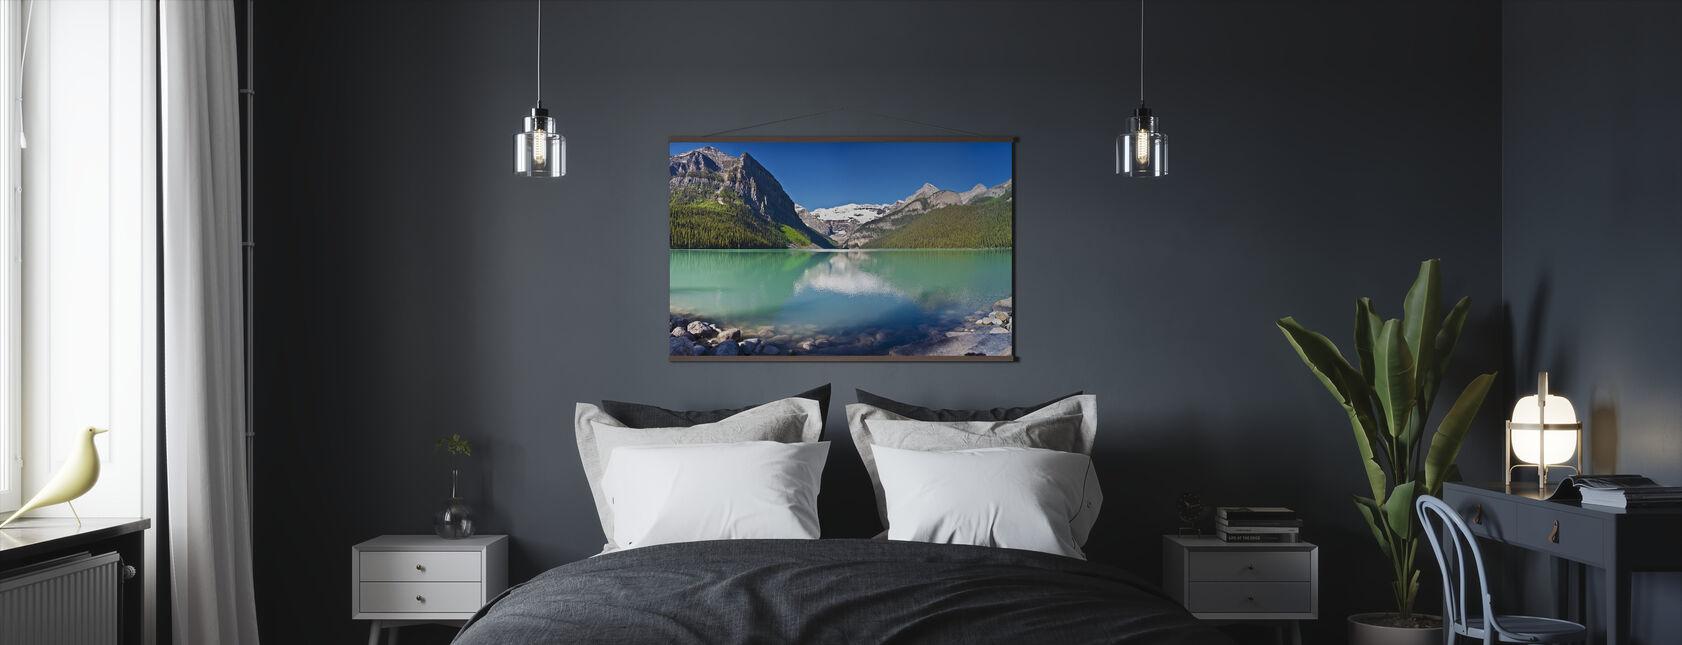 Lake Louise, Alberta, Canada, North America, Panorama - Poster - Bedroom